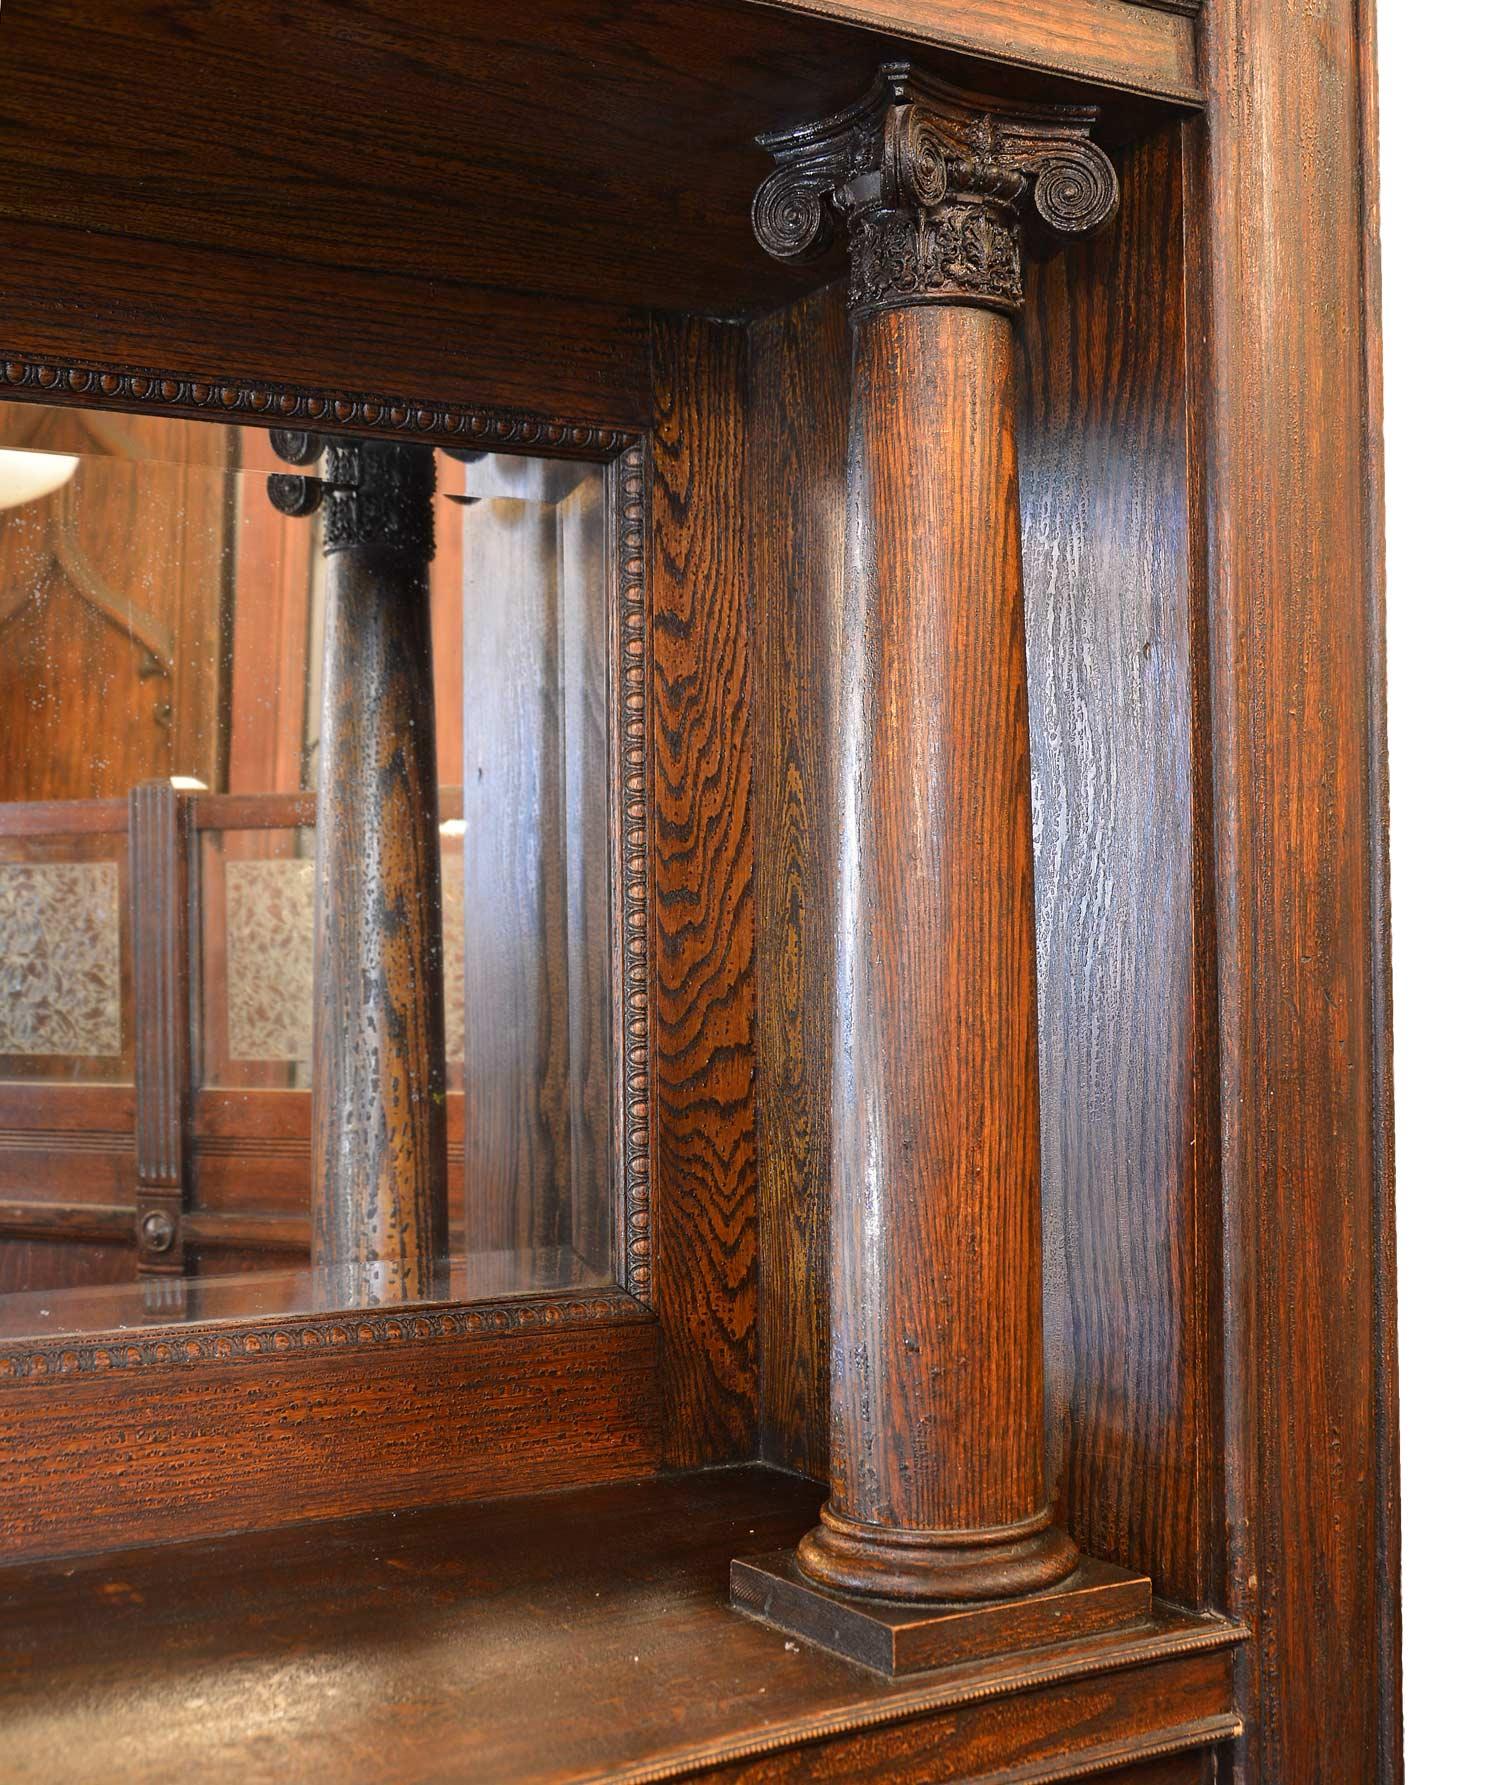 46038-oak-buffet-with-columns-detail.jpg